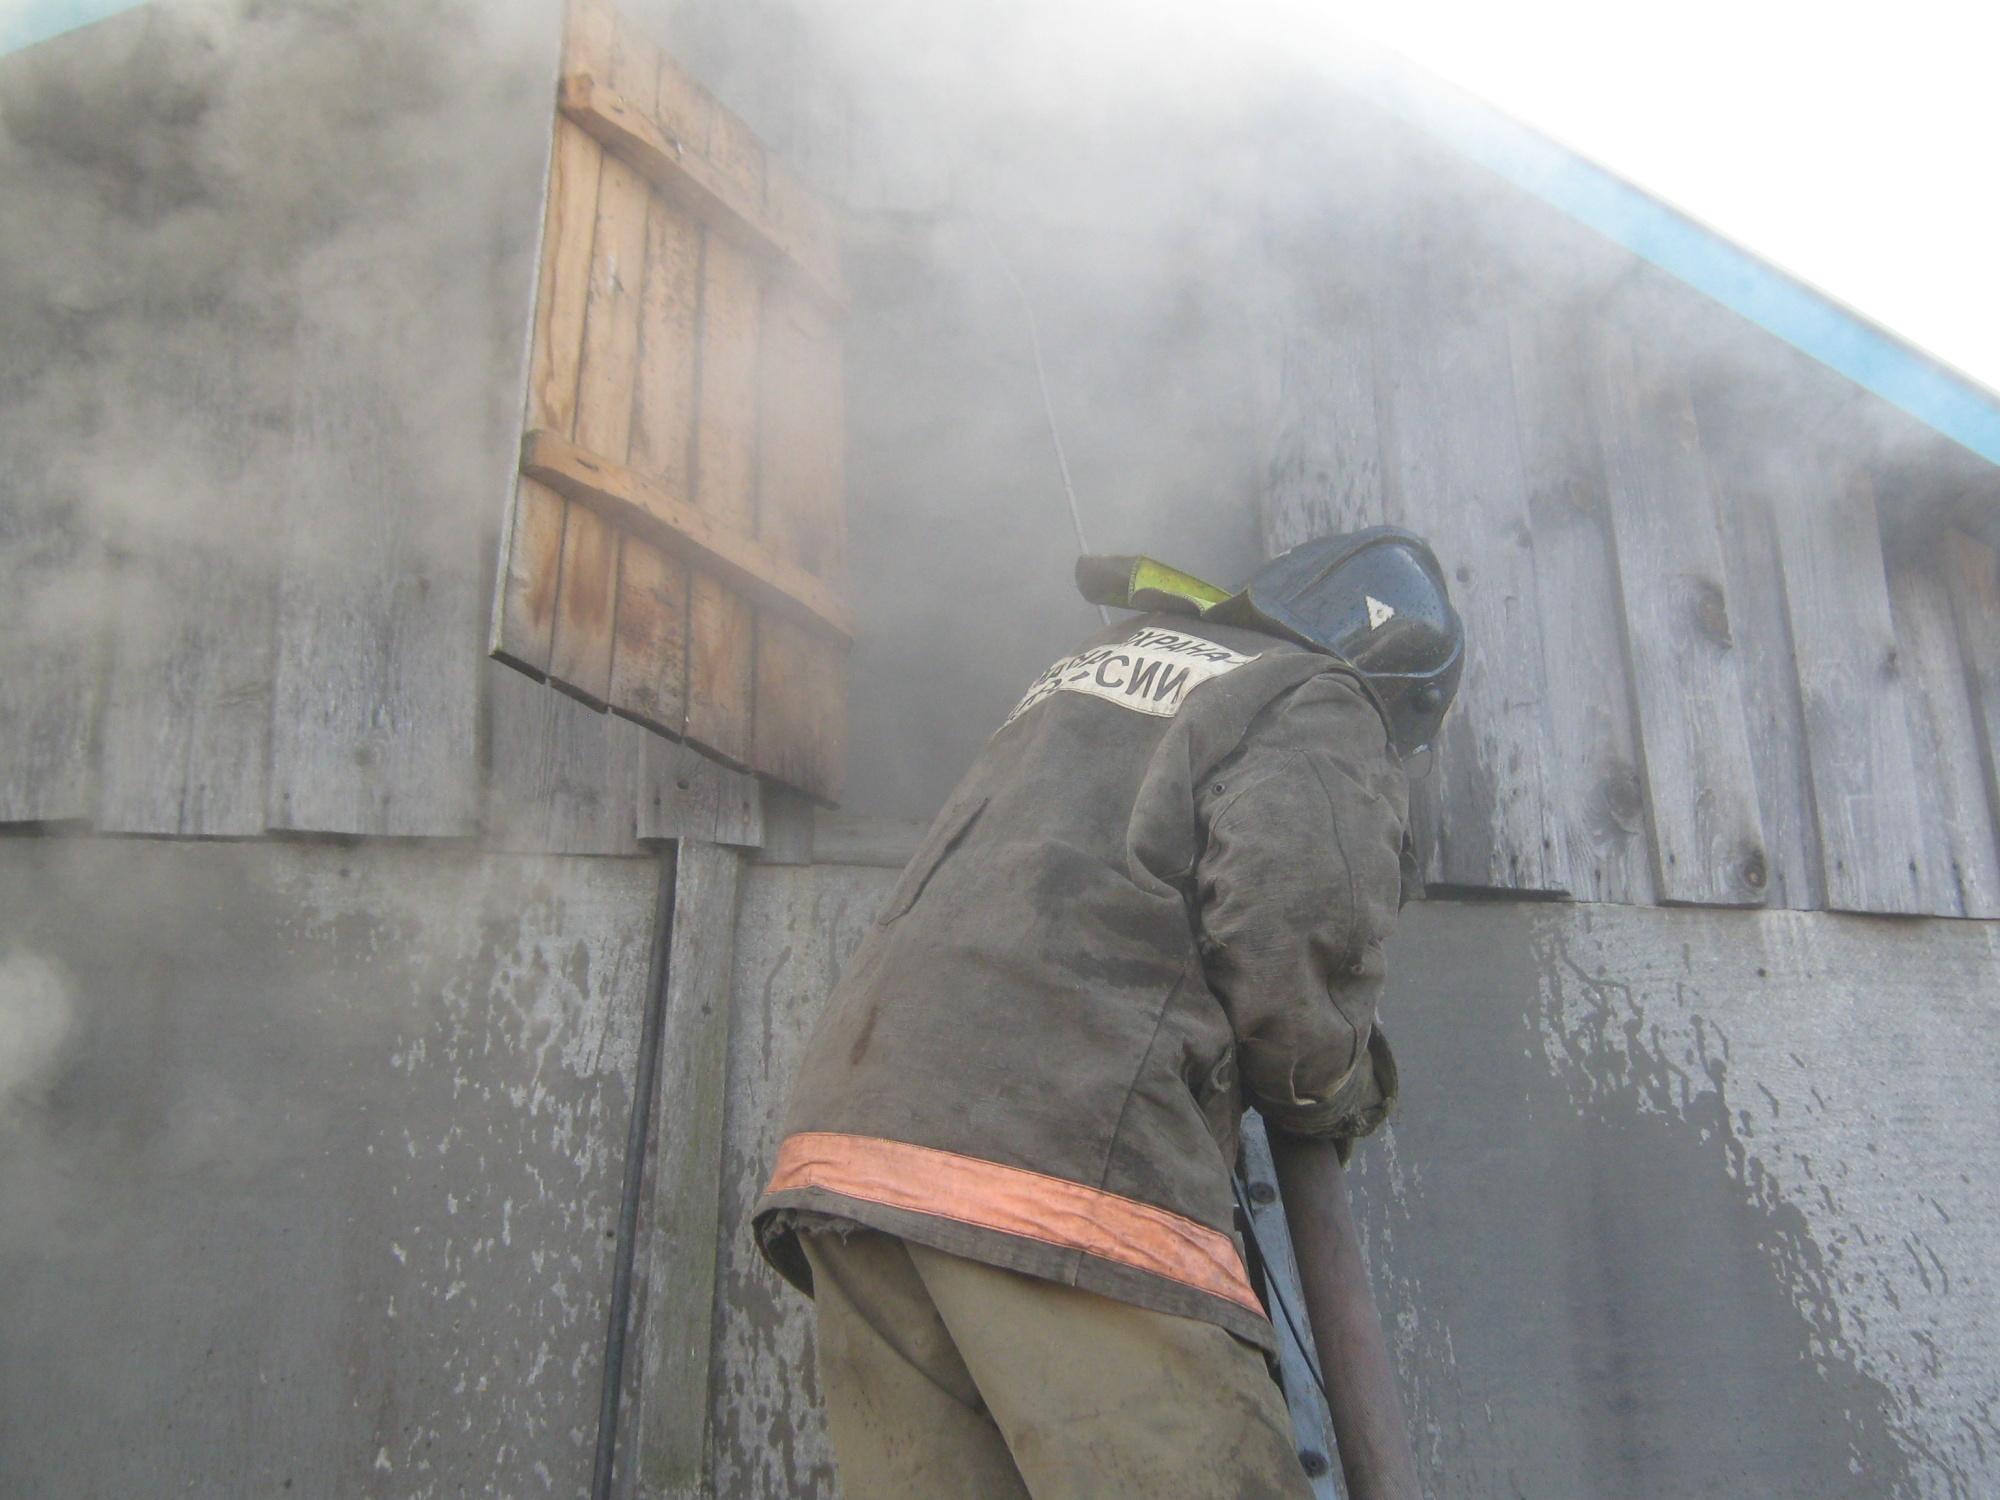 Пожар Ивановская область, г. Кохма, ул. Октябрьская д. 64